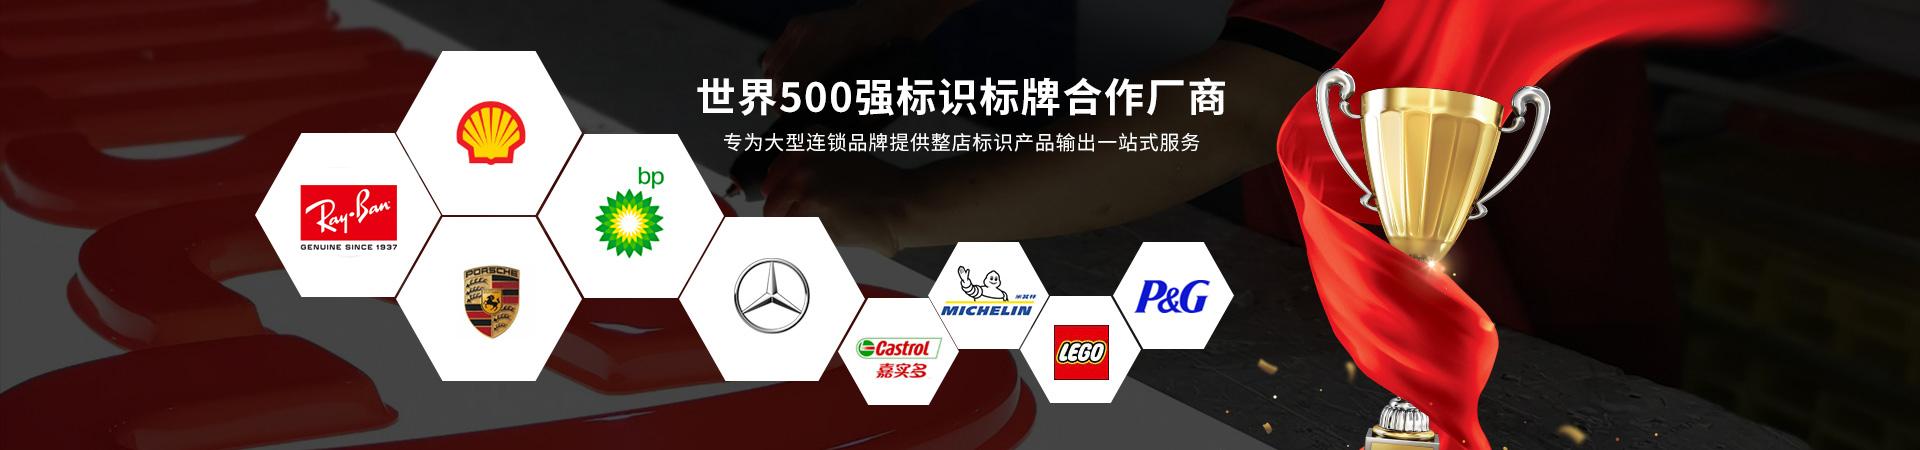 日合-世界500强标识标牌合作厂商